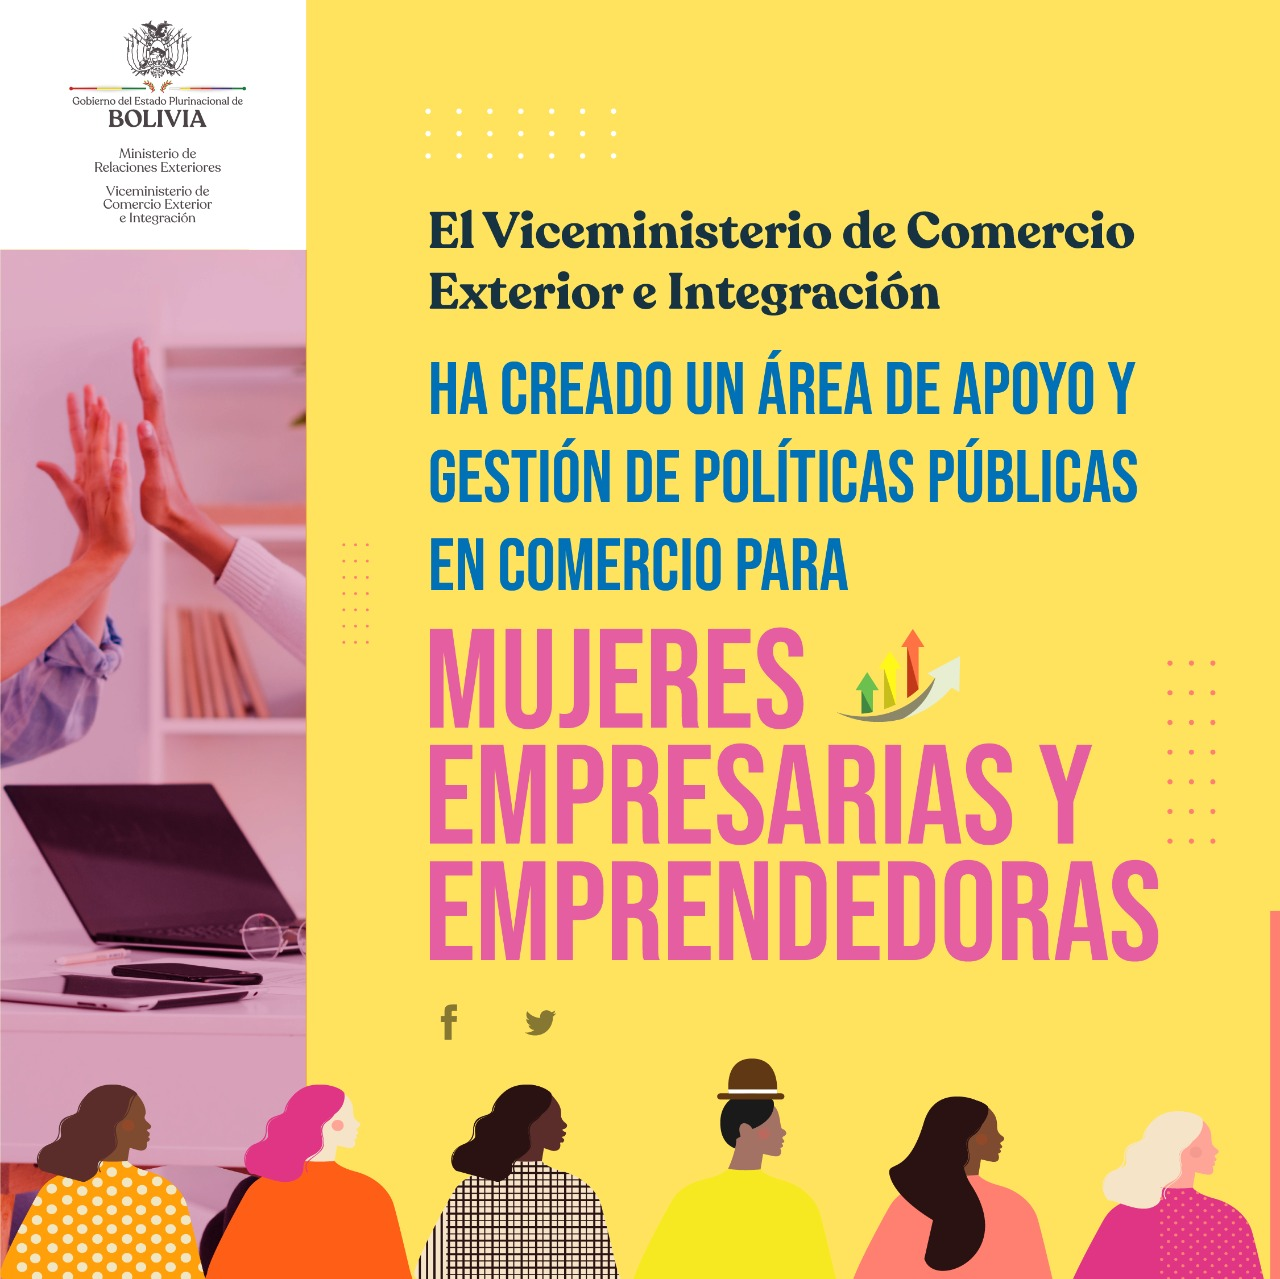 Viceministerio de Comercio Exterior e Integración crea el Área de Apoyo y Gestión en Comercio para empresarias y emprendedoras